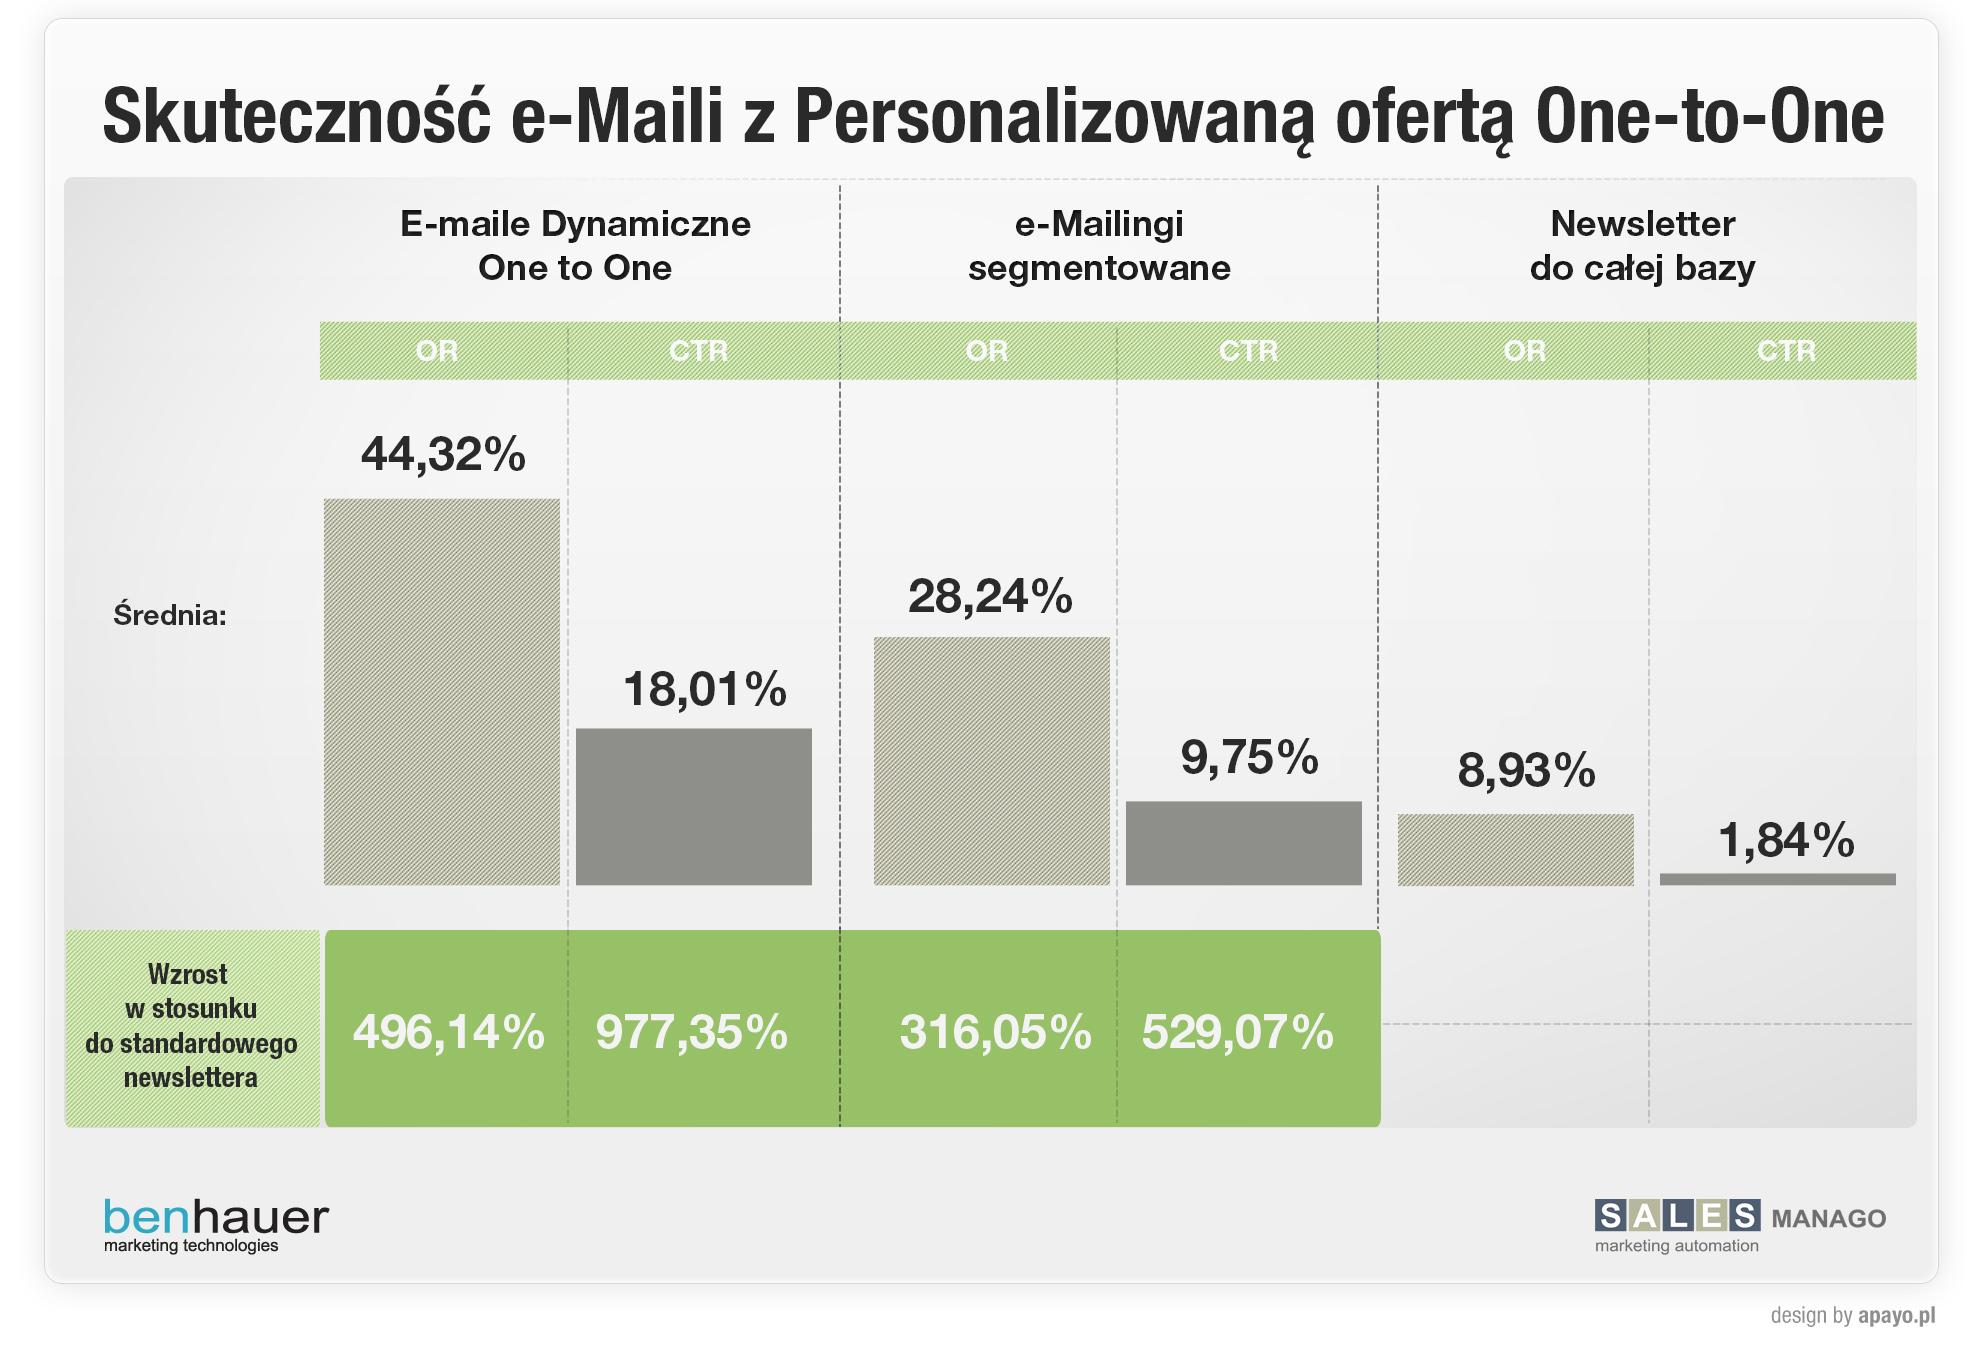 Skuteczność e-Maili personalizowanych